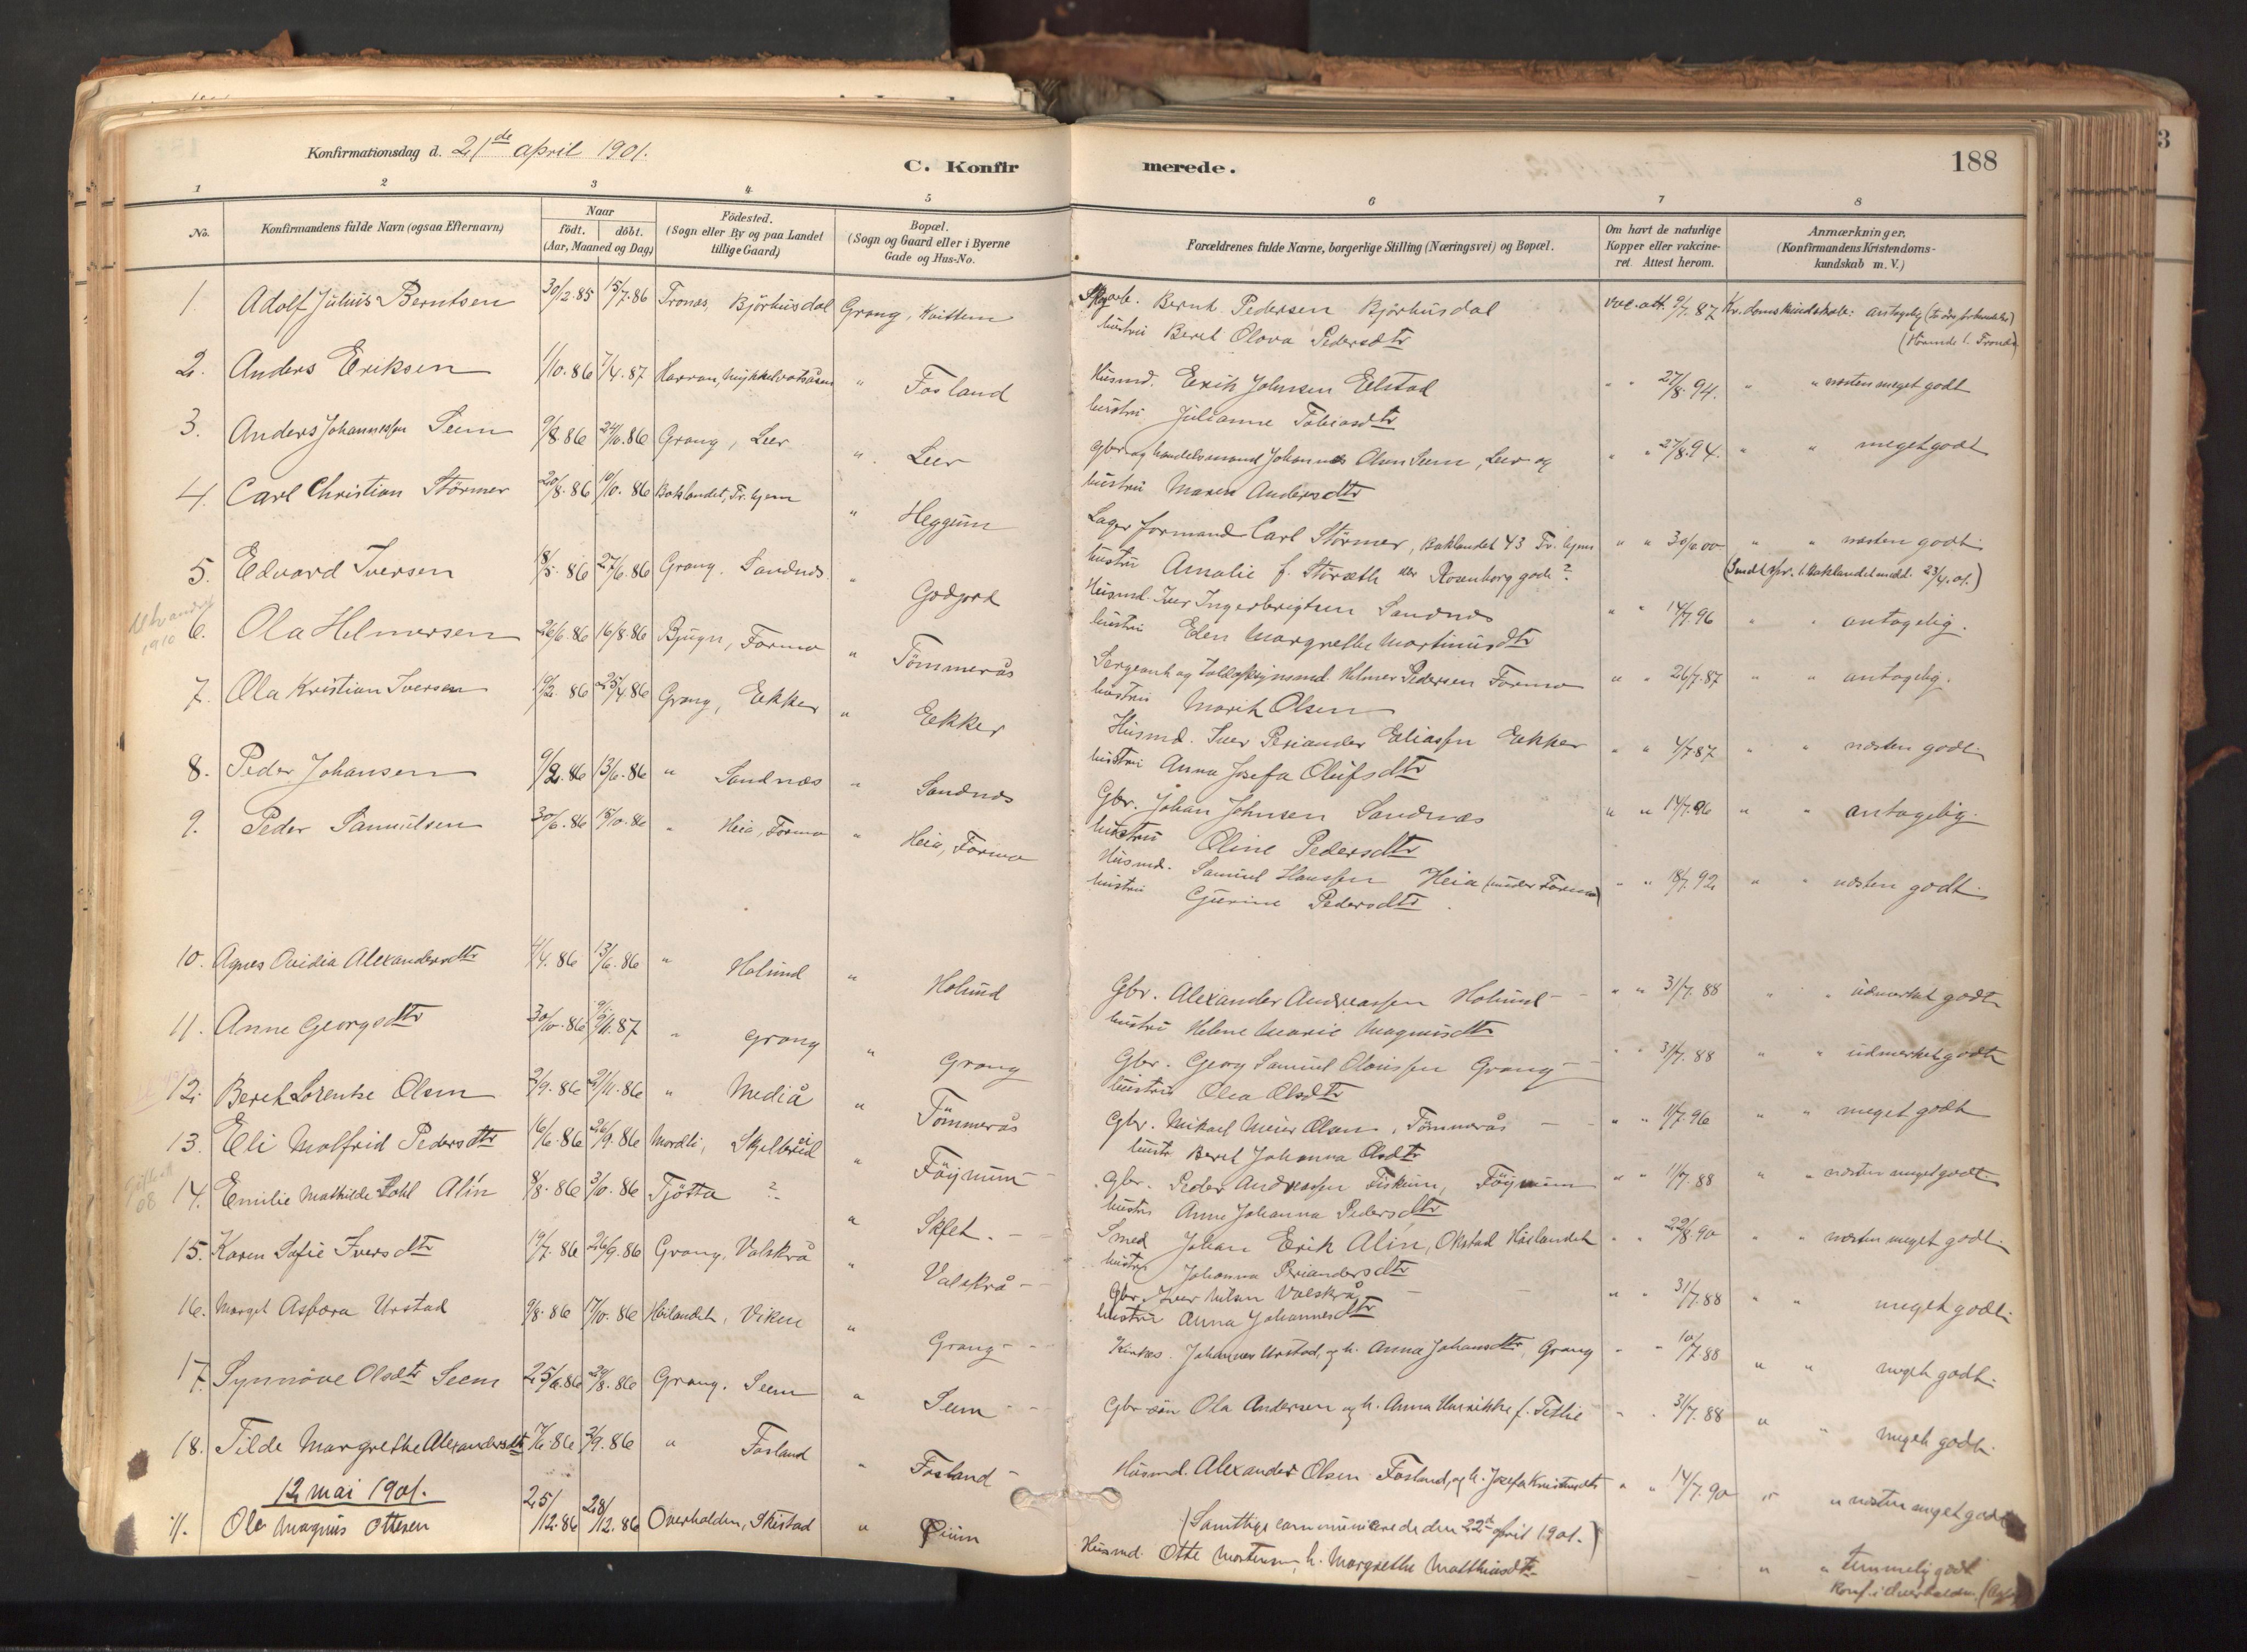 SAT, Ministerialprotokoller, klokkerbøker og fødselsregistre - Nord-Trøndelag, 758/L0519: Ministerialbok nr. 758A04, 1880-1926, s. 188